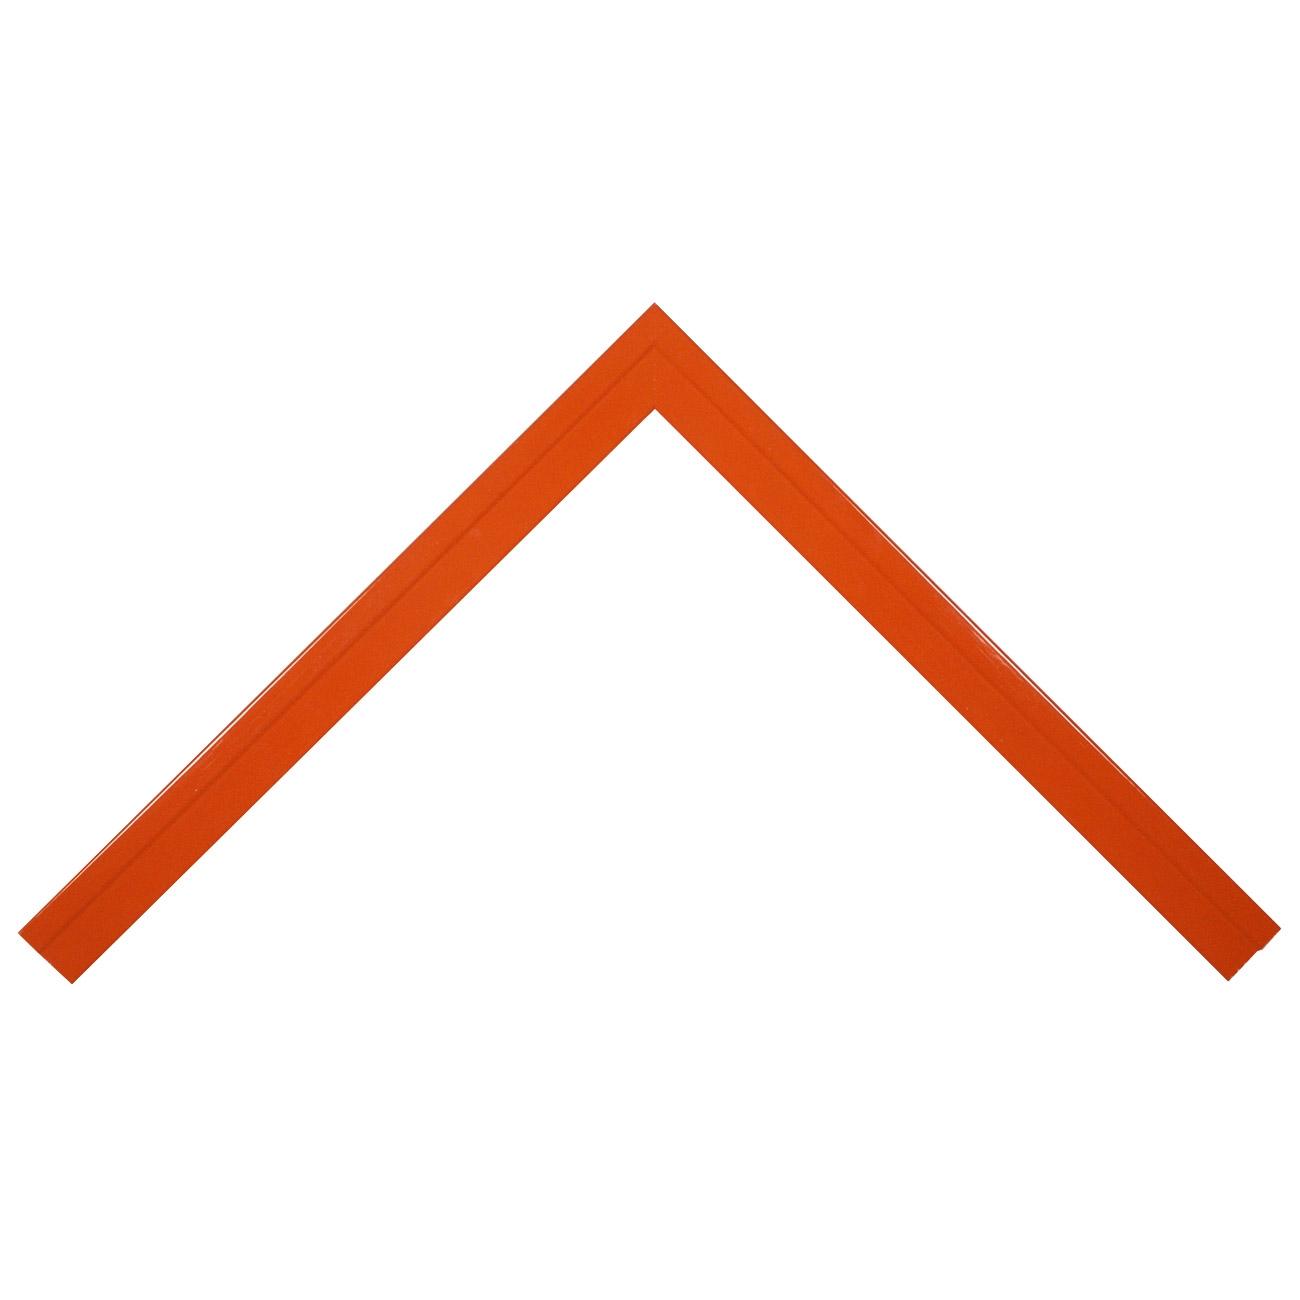 Baguette bois profil plat escalier largeur 3cm couleur orange laqué